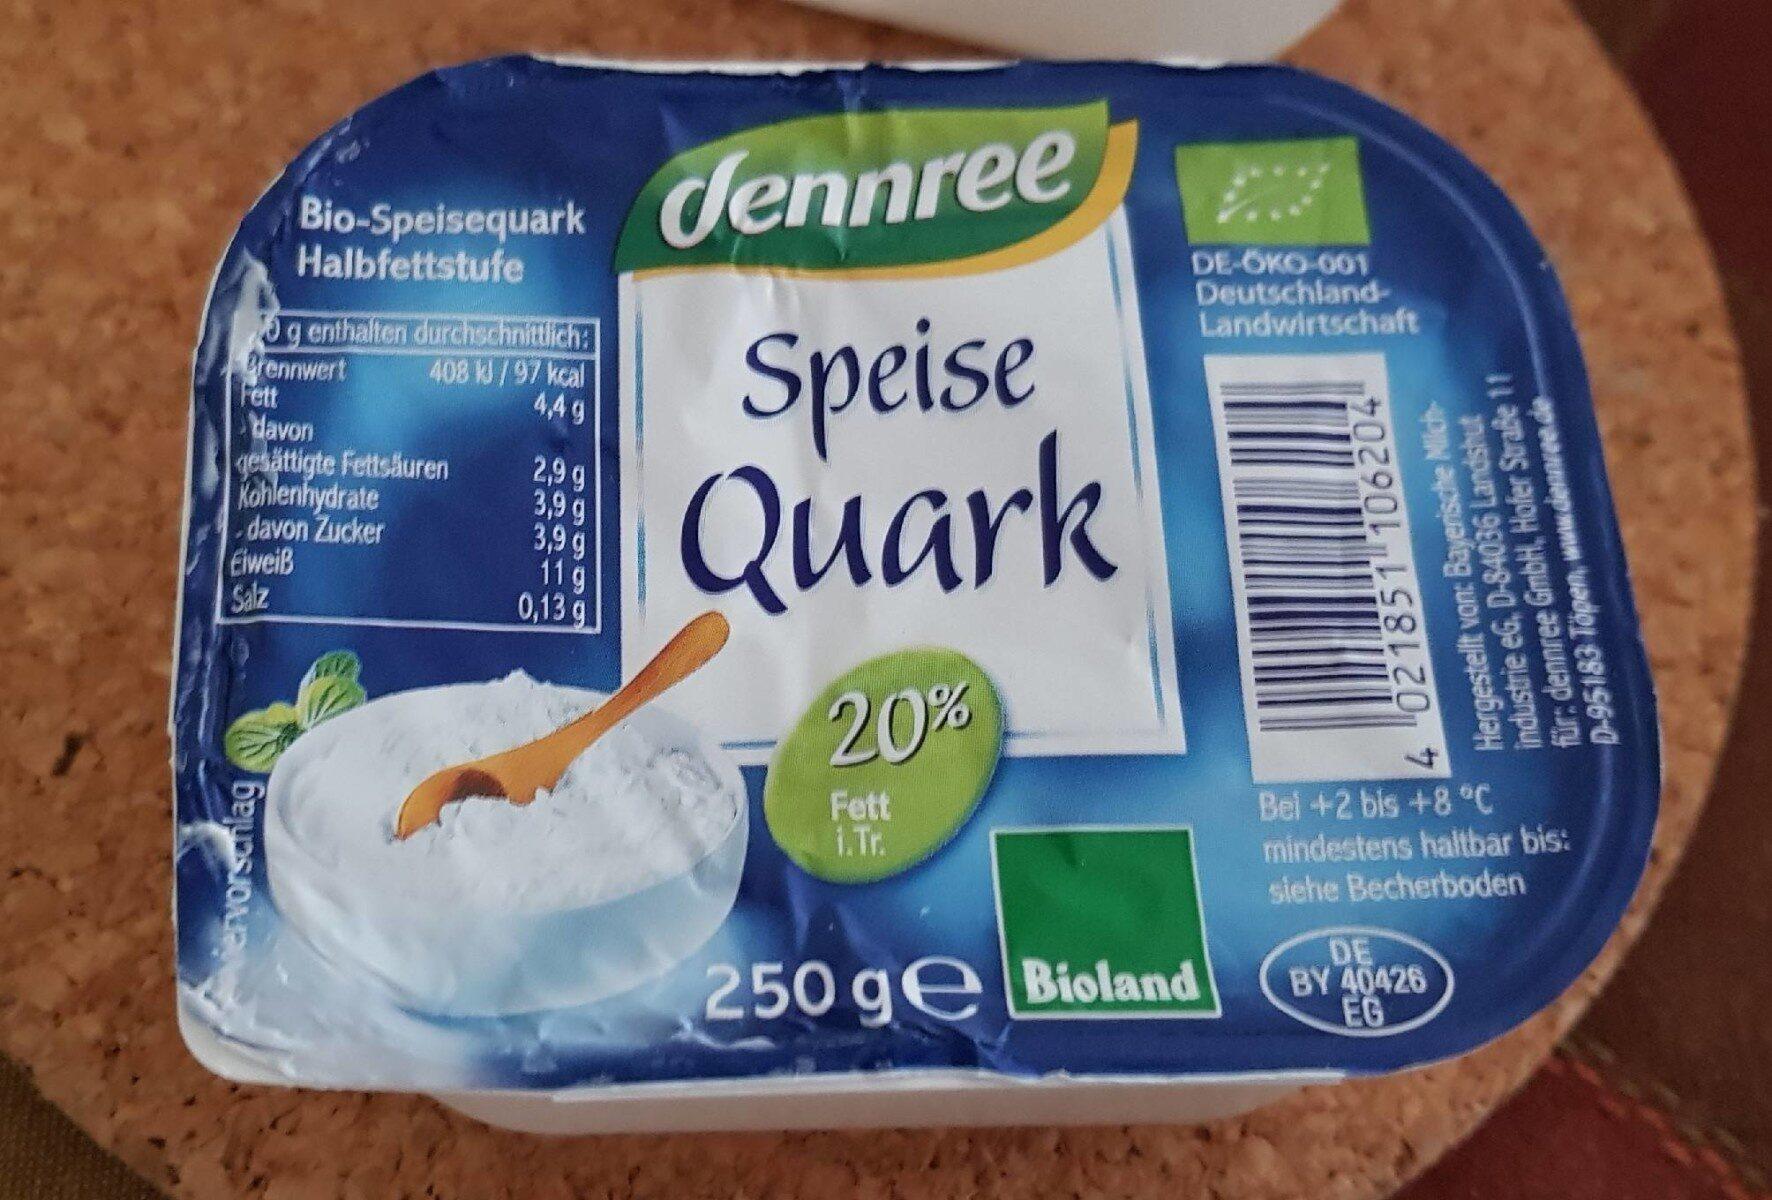 Speise Quark - Product - de